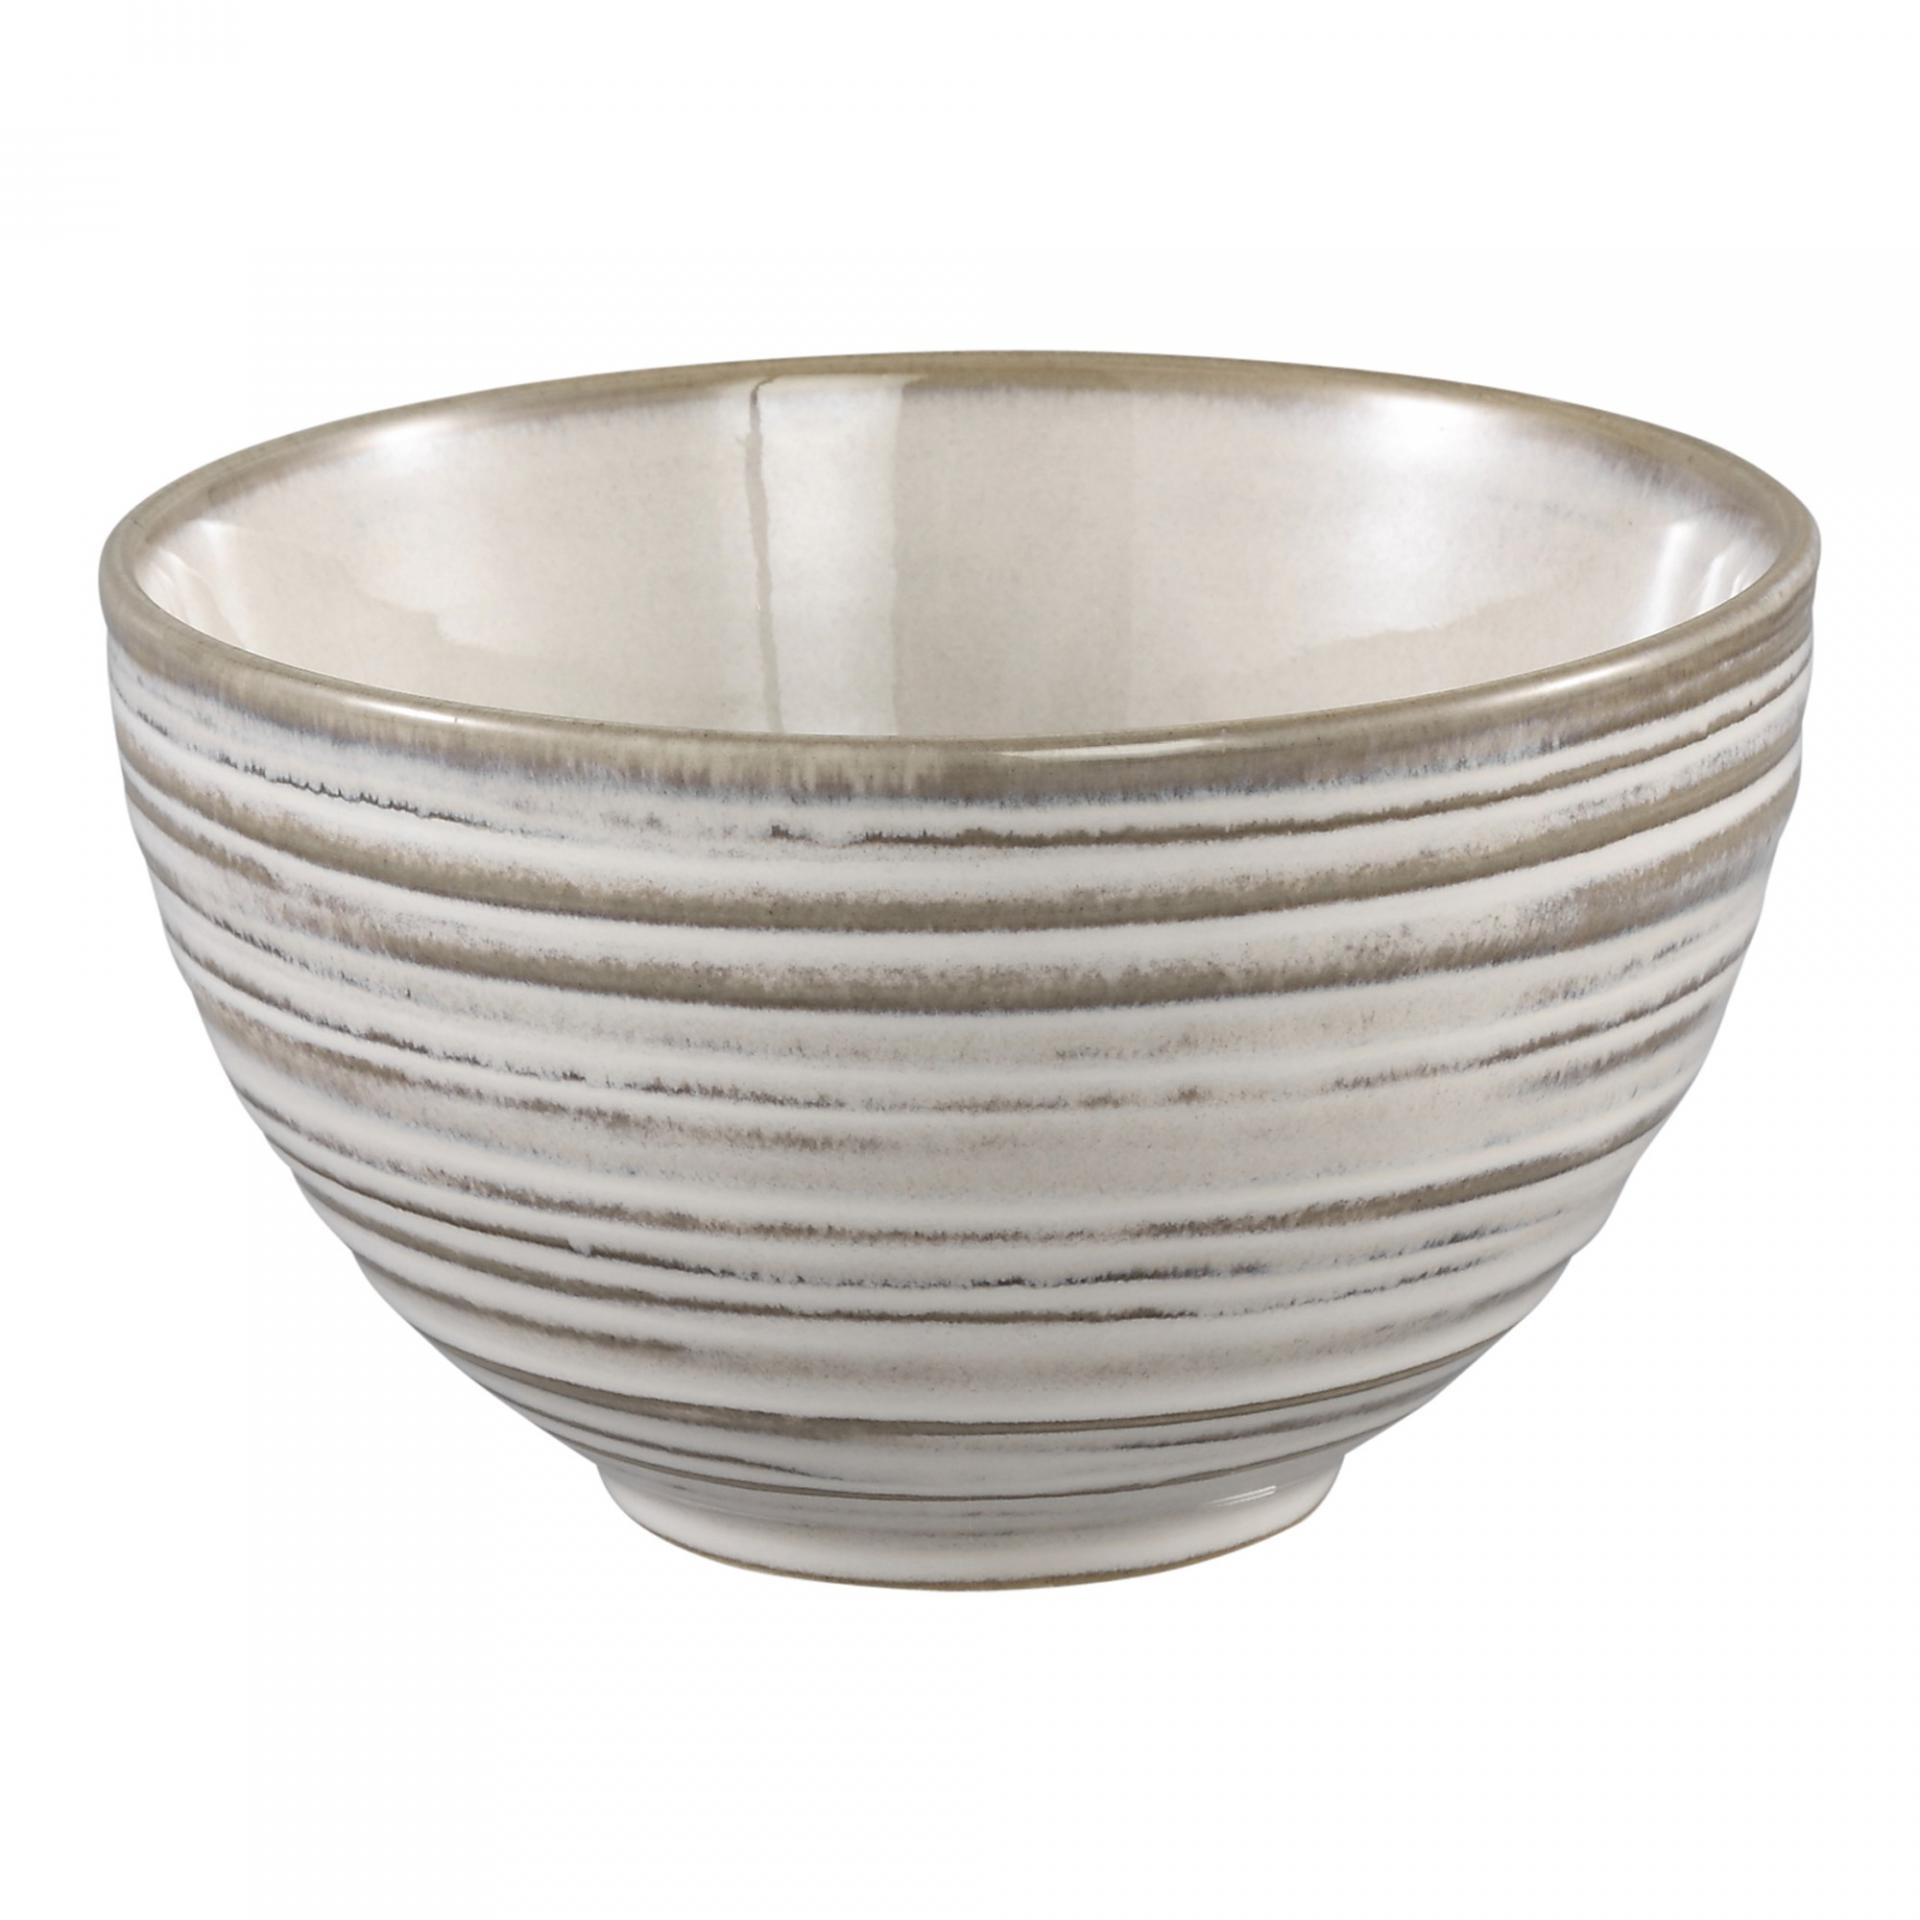 PTMD674596 Sakari ceramic vaas